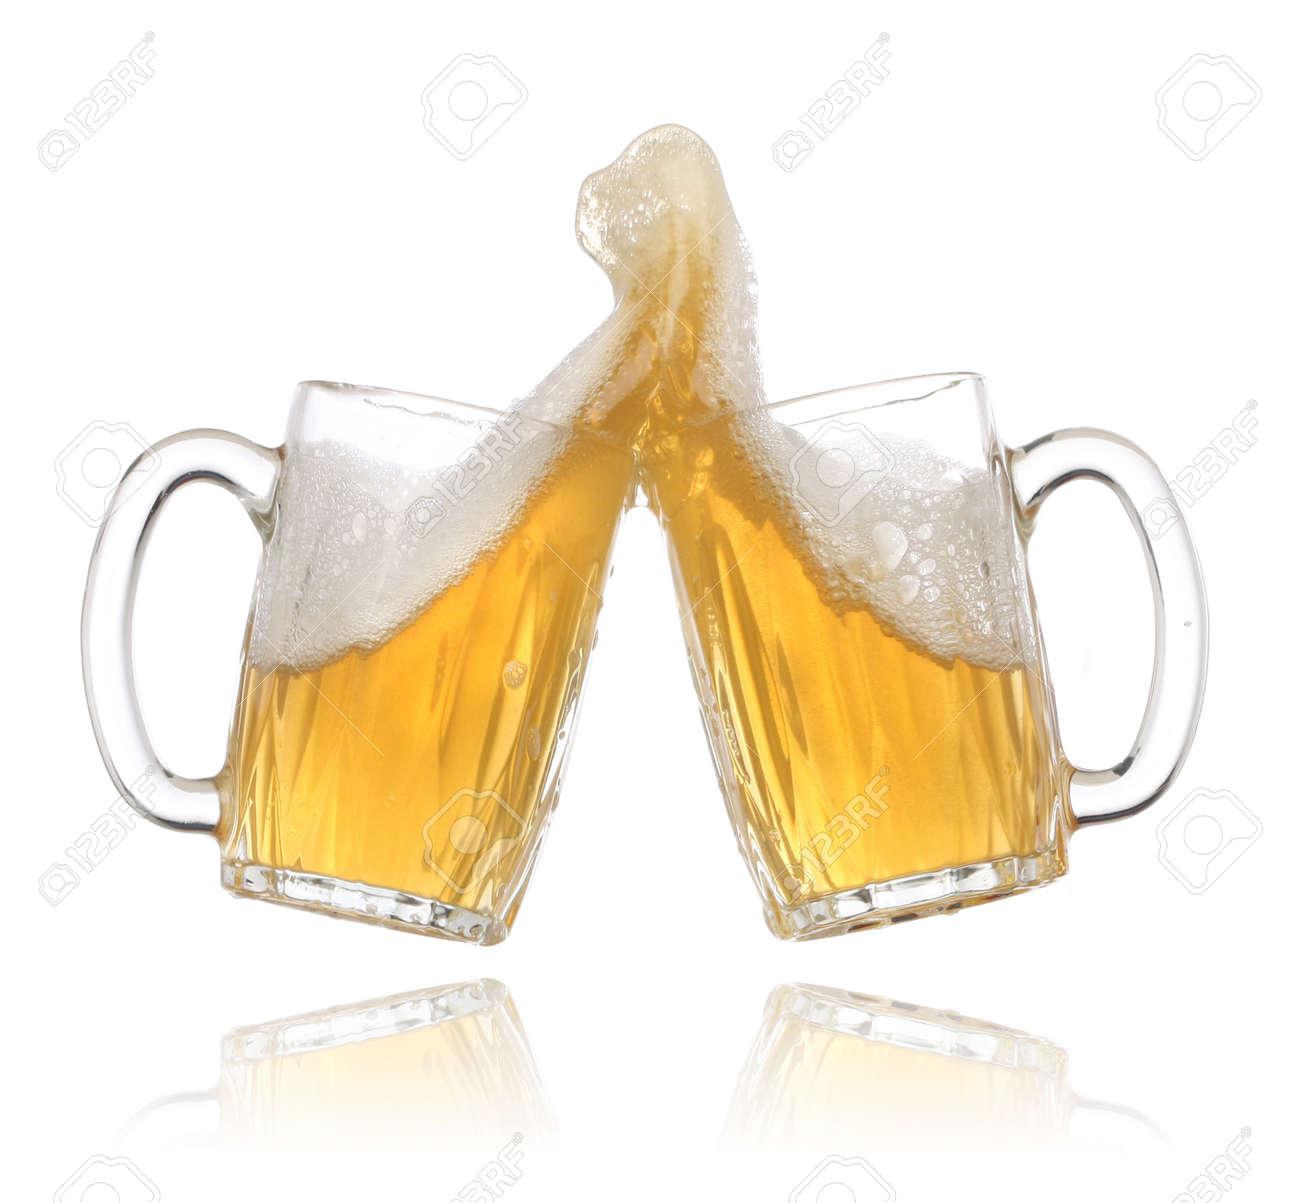 Pair of beer glasses making a toast. Beer splash Stock Photo - 4956144